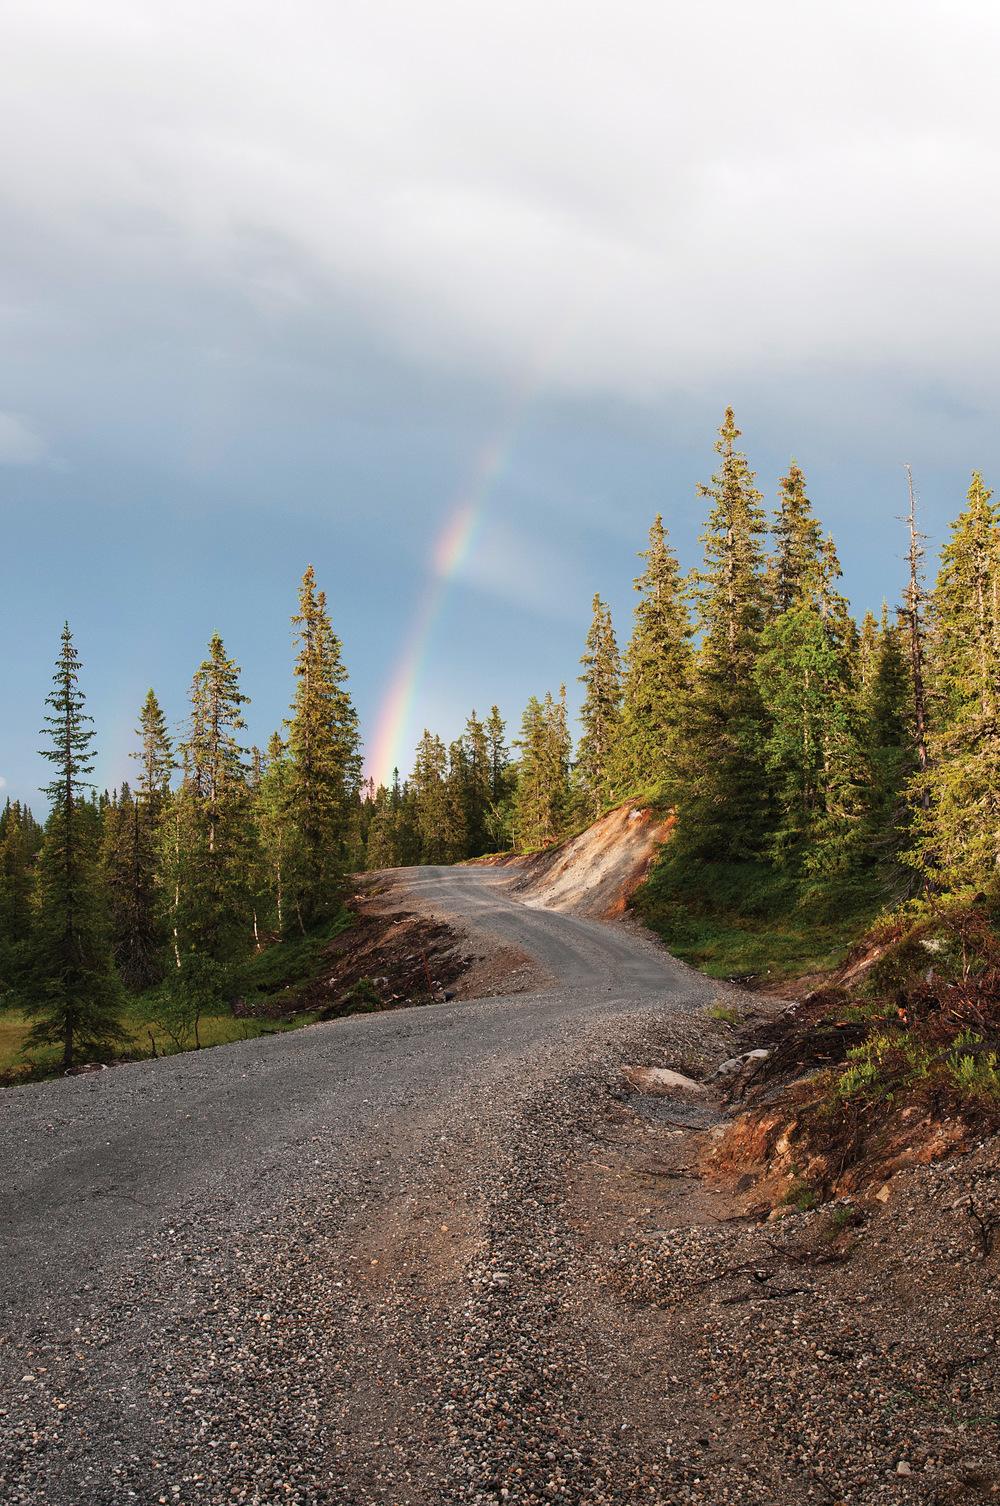 Gode skogsbilveger er viktig for en effektiv transport av tømmer fra skog til industri. Foto: Jostein Frydenlund, NIBIO